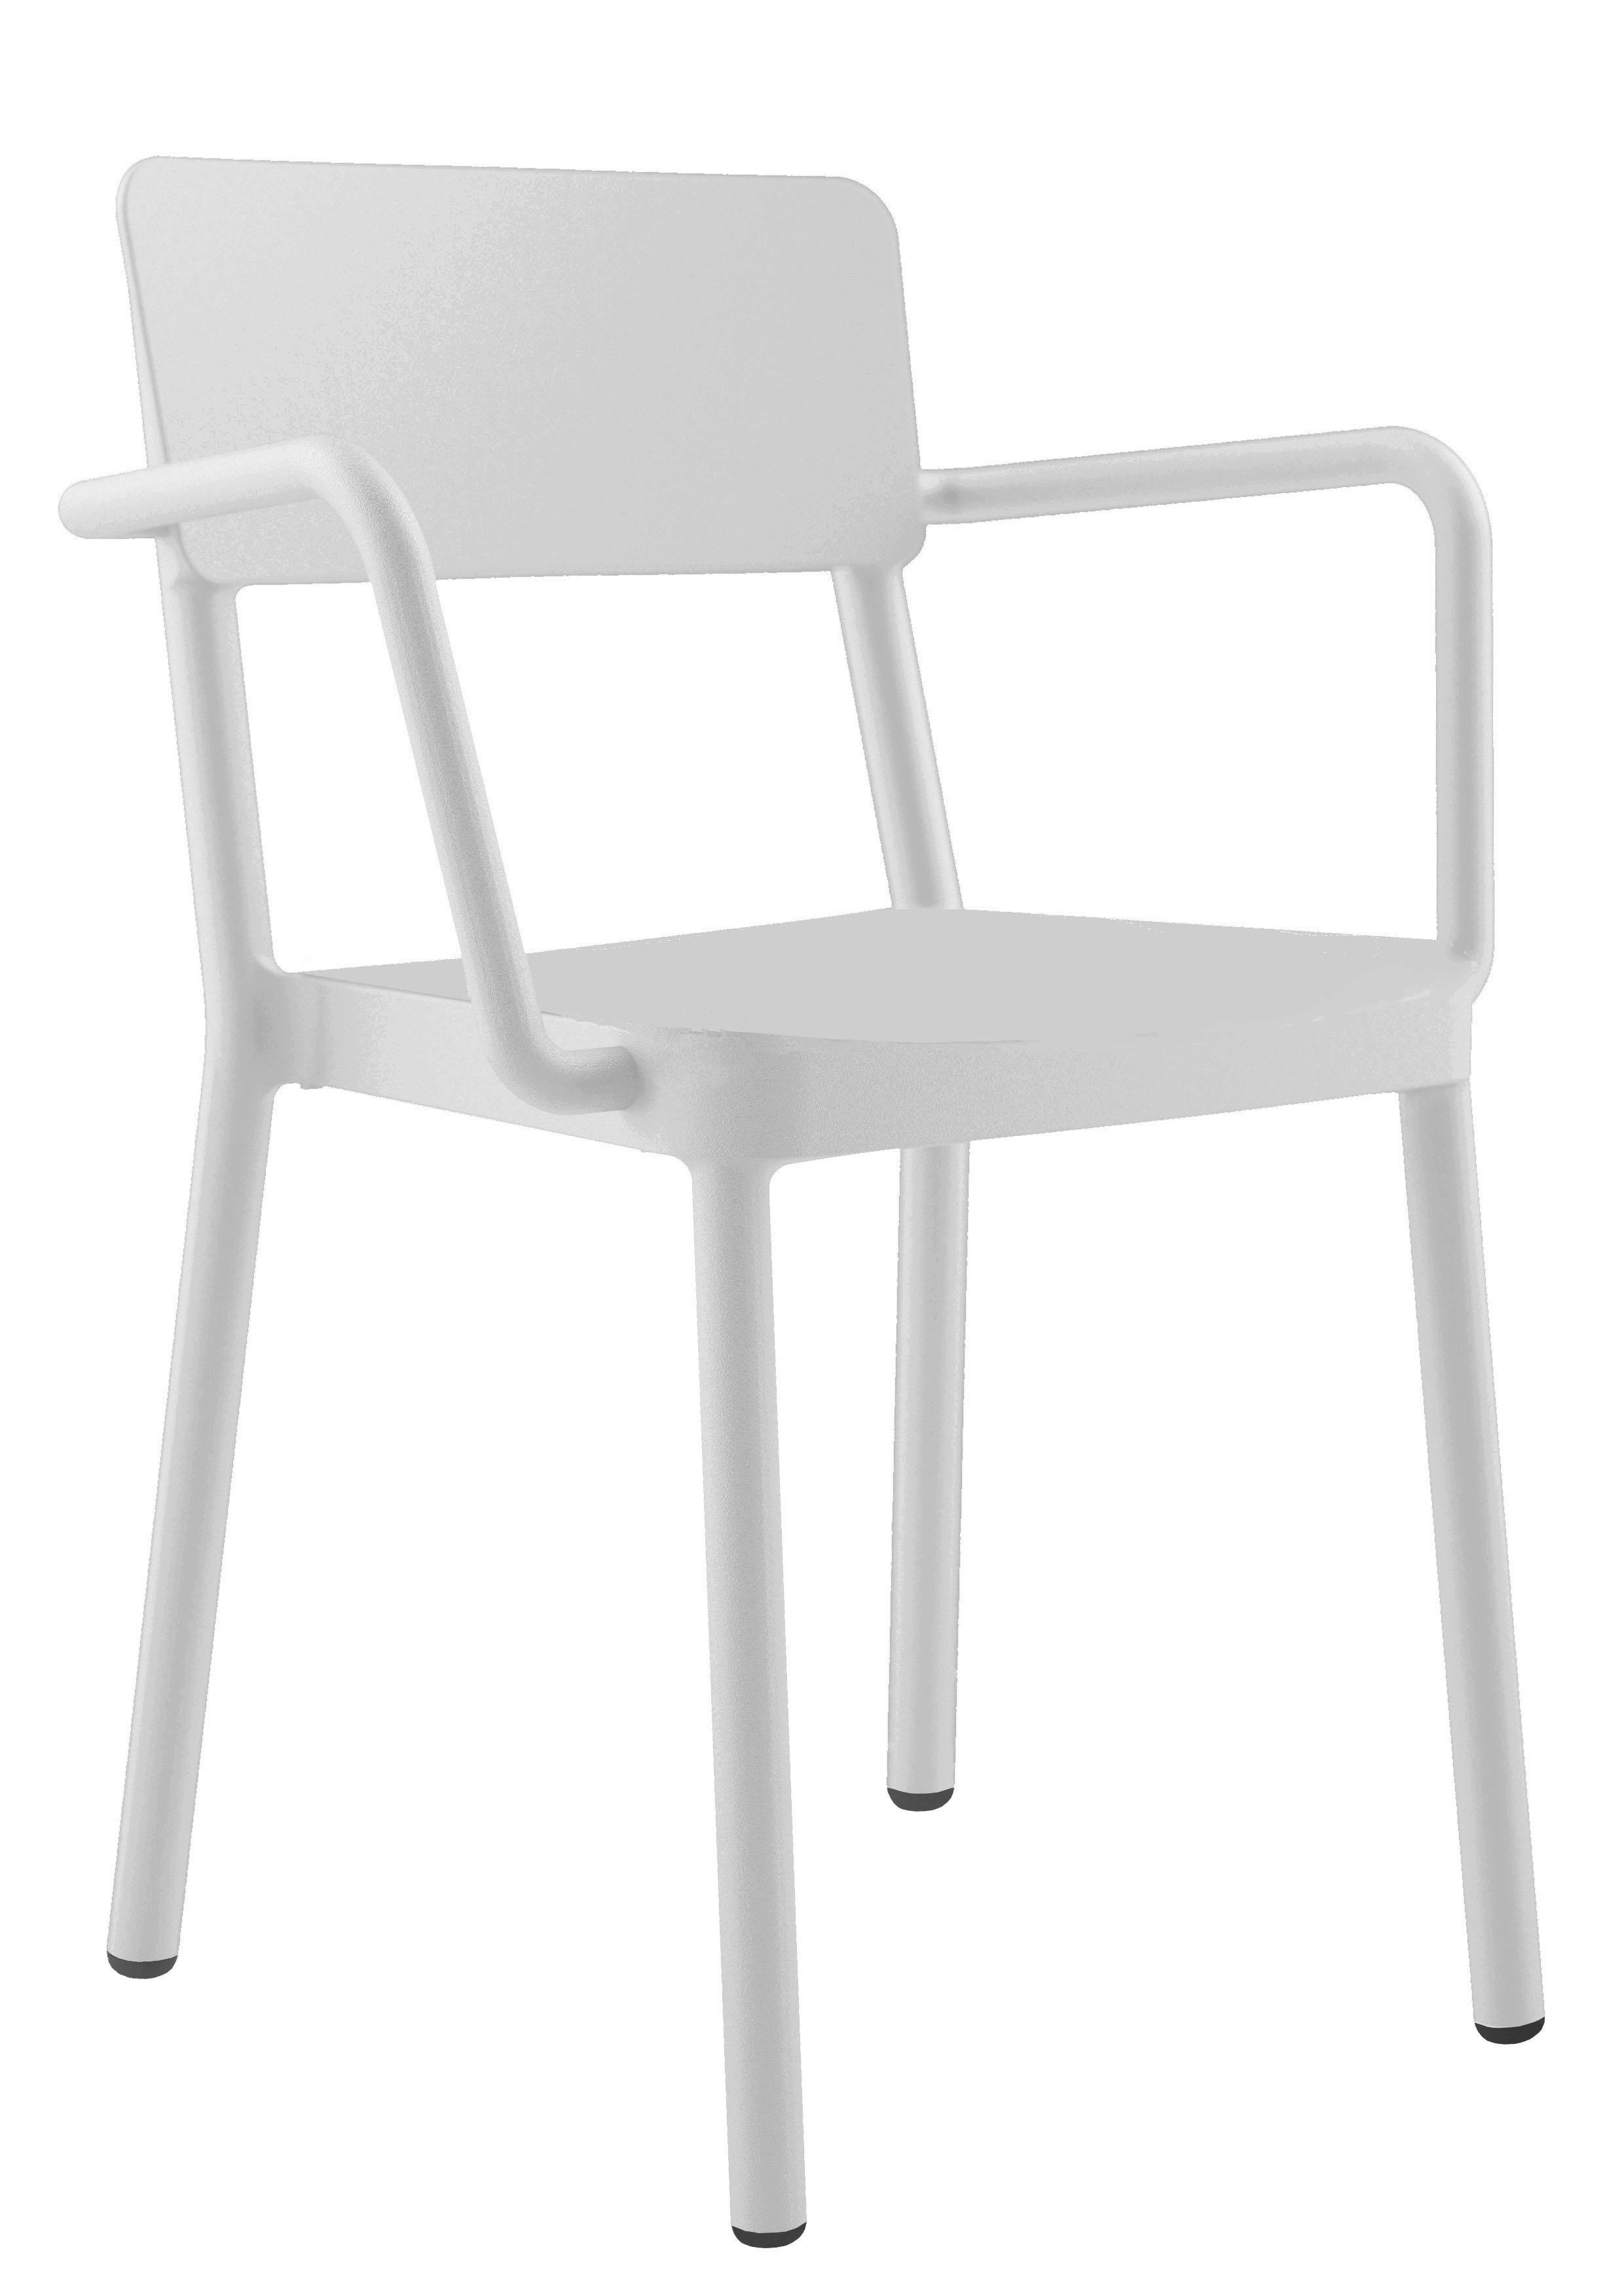 krzesło restauracyjne z podłokietnikami LISBOA z tworzywa